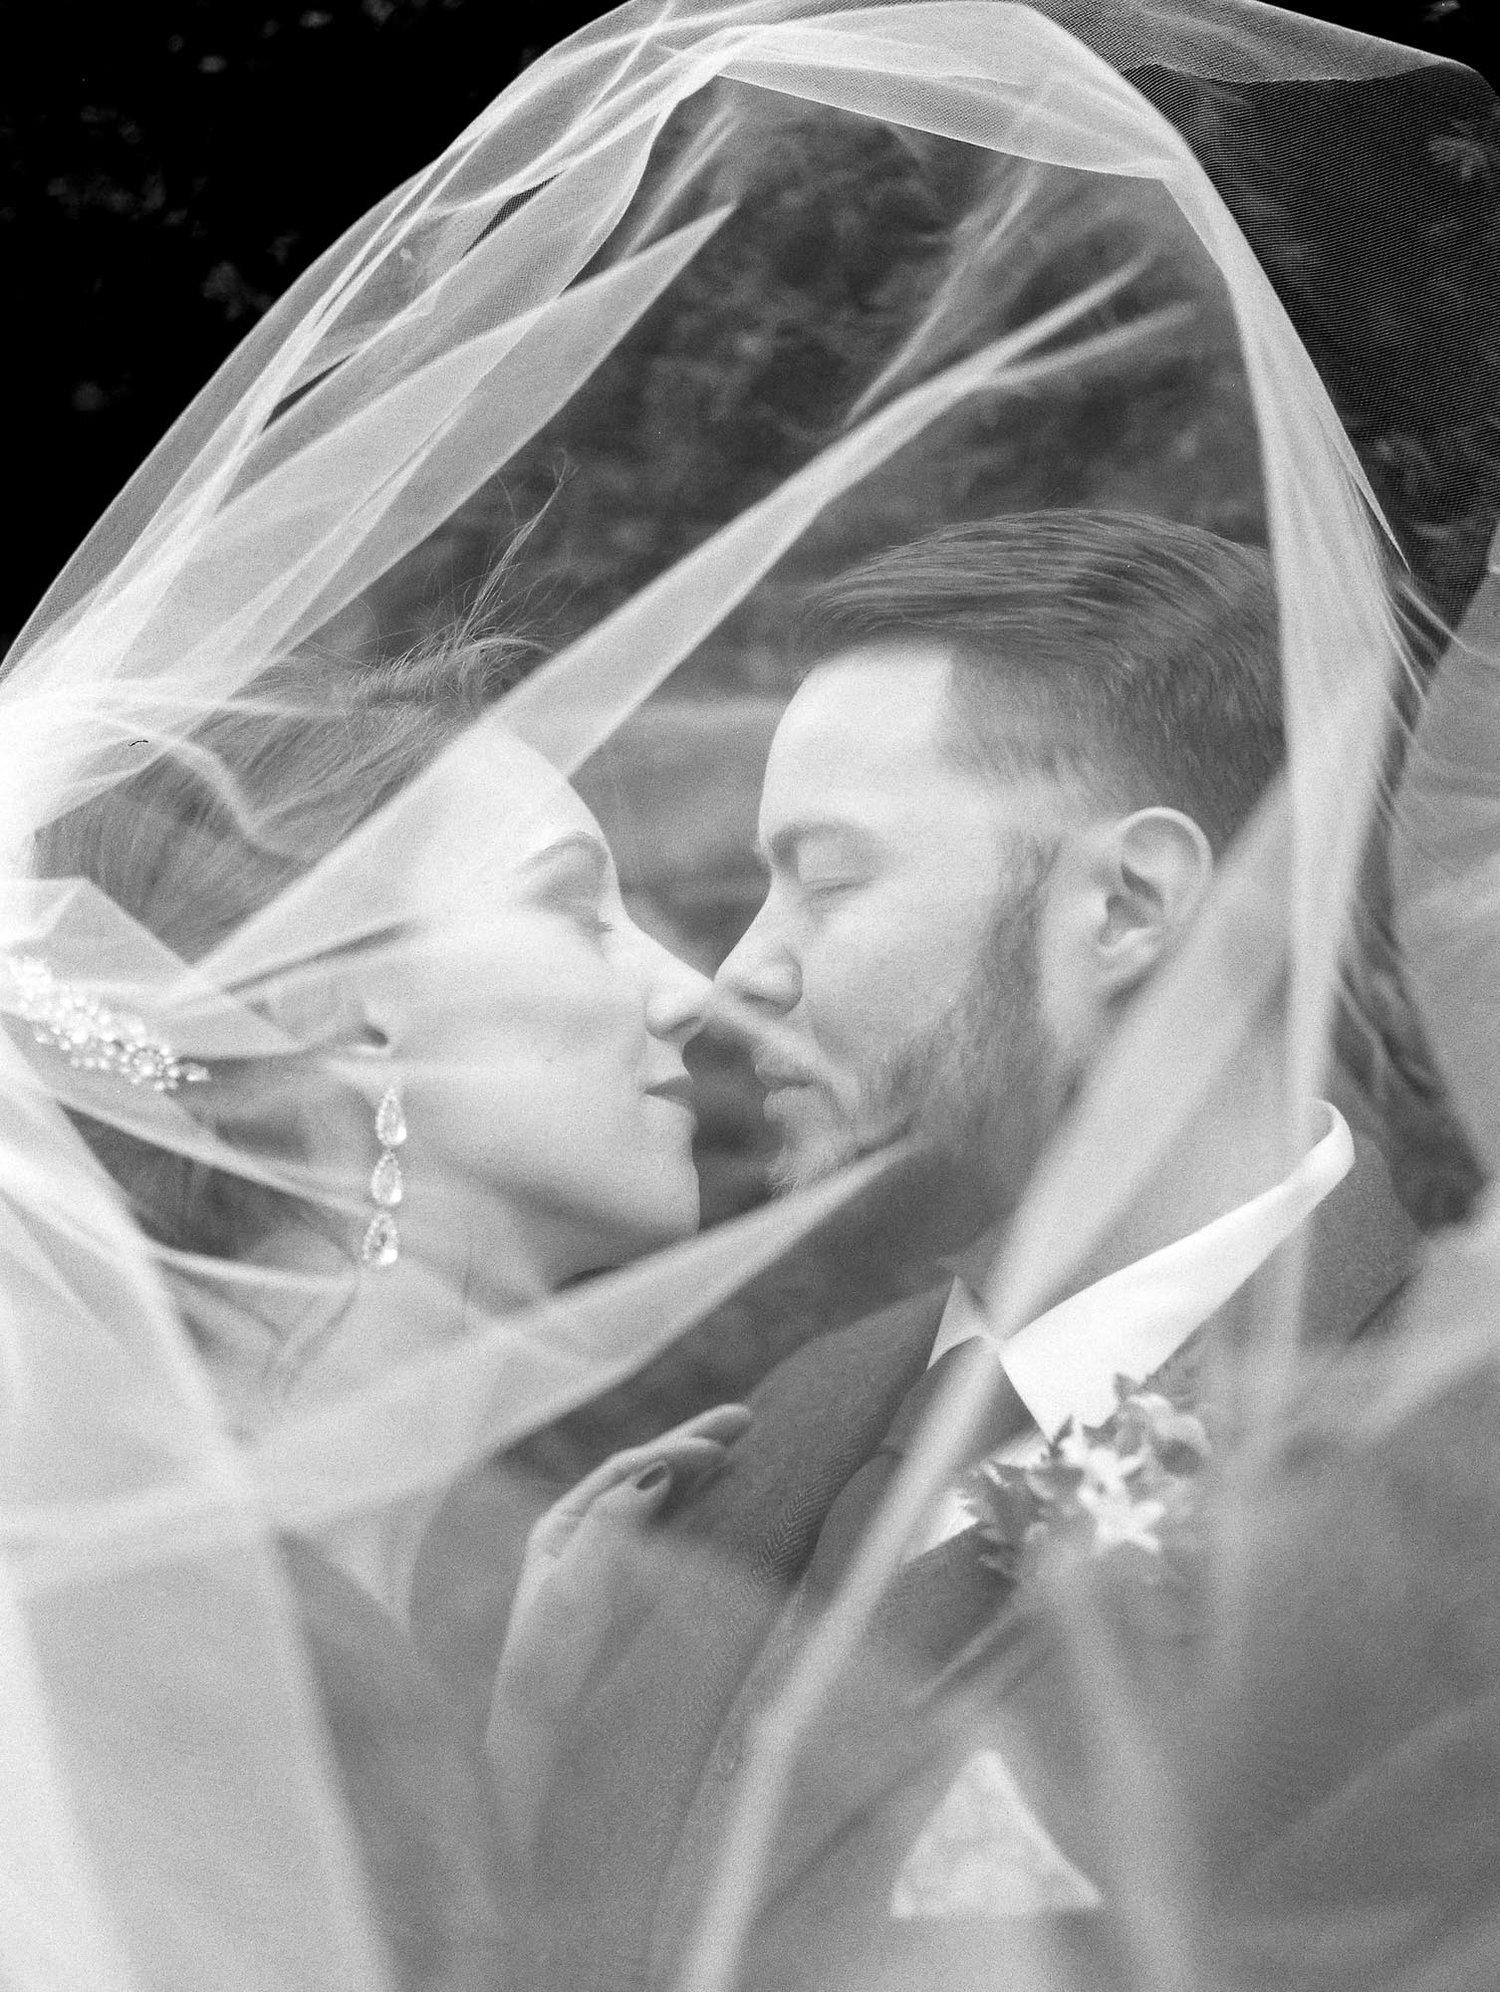 Best+of+Weddings+2017+by+Cleveland+Wedding+Photographer+Matt+Erickson+Photography.jpg